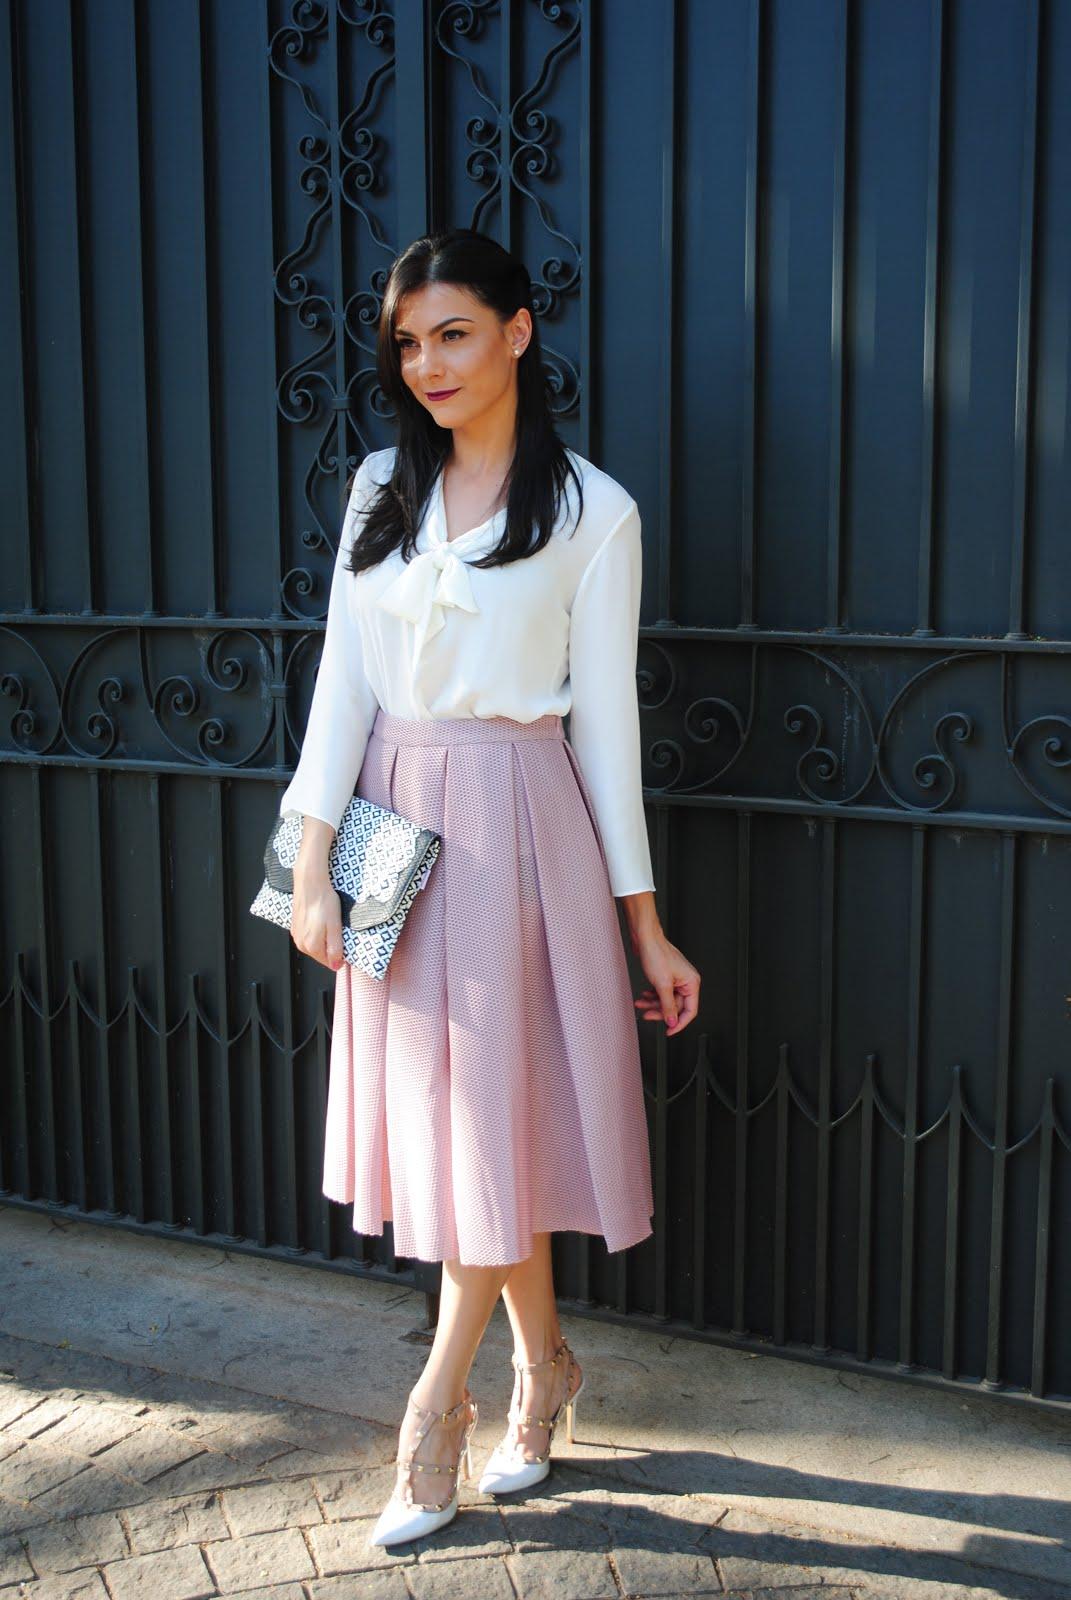 Romwe skirt - Blog Cris Felix